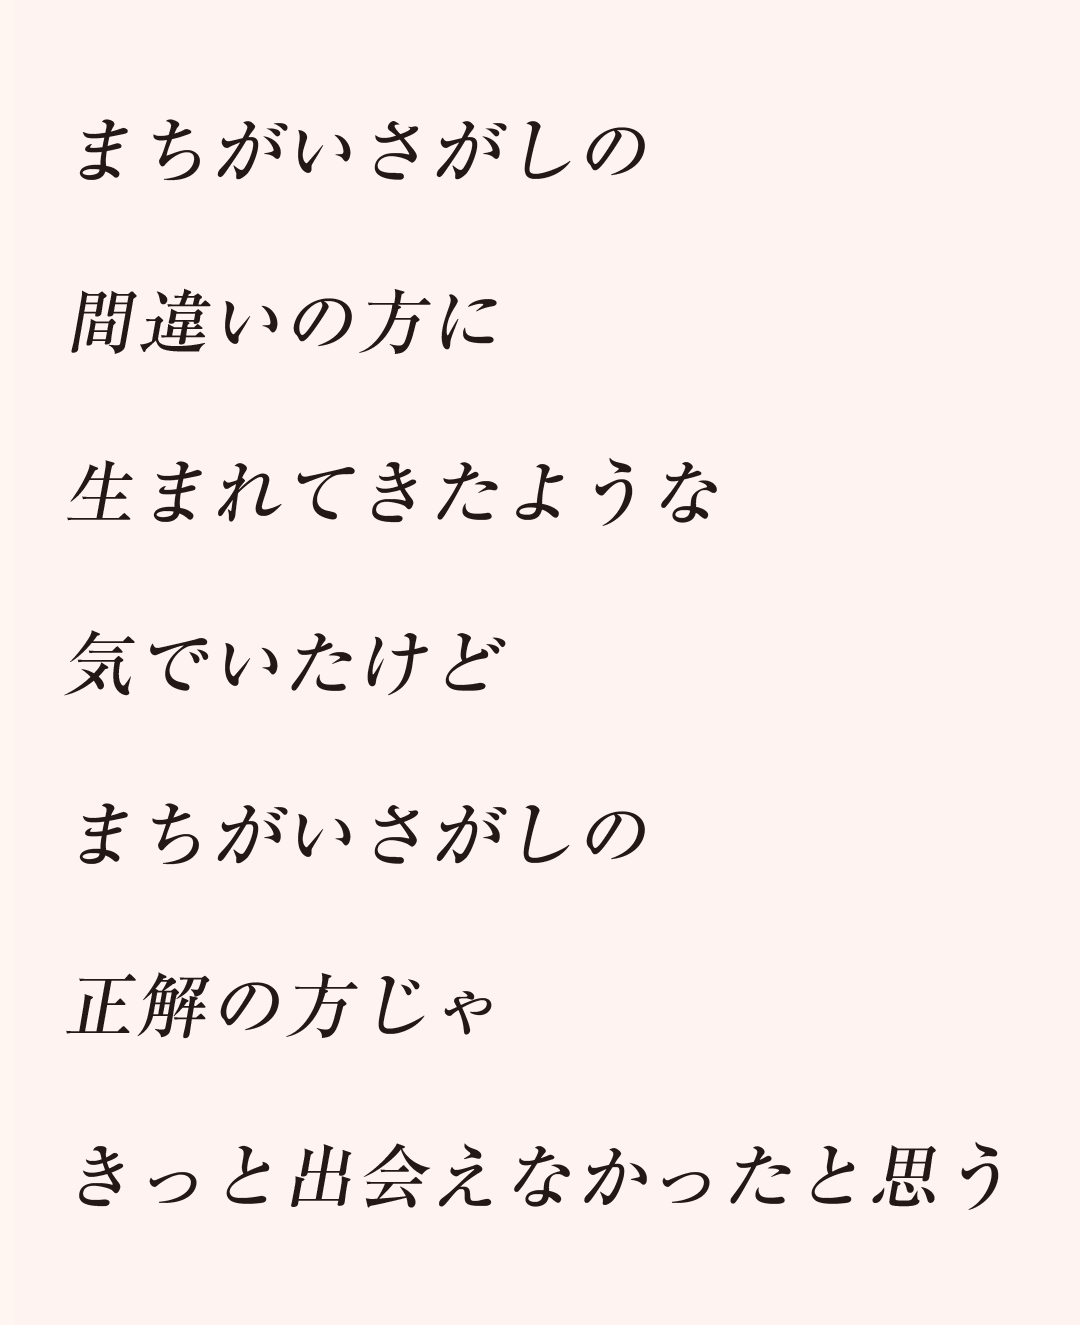 暉 付き 歌詞 将 まちがいさがし 菅田